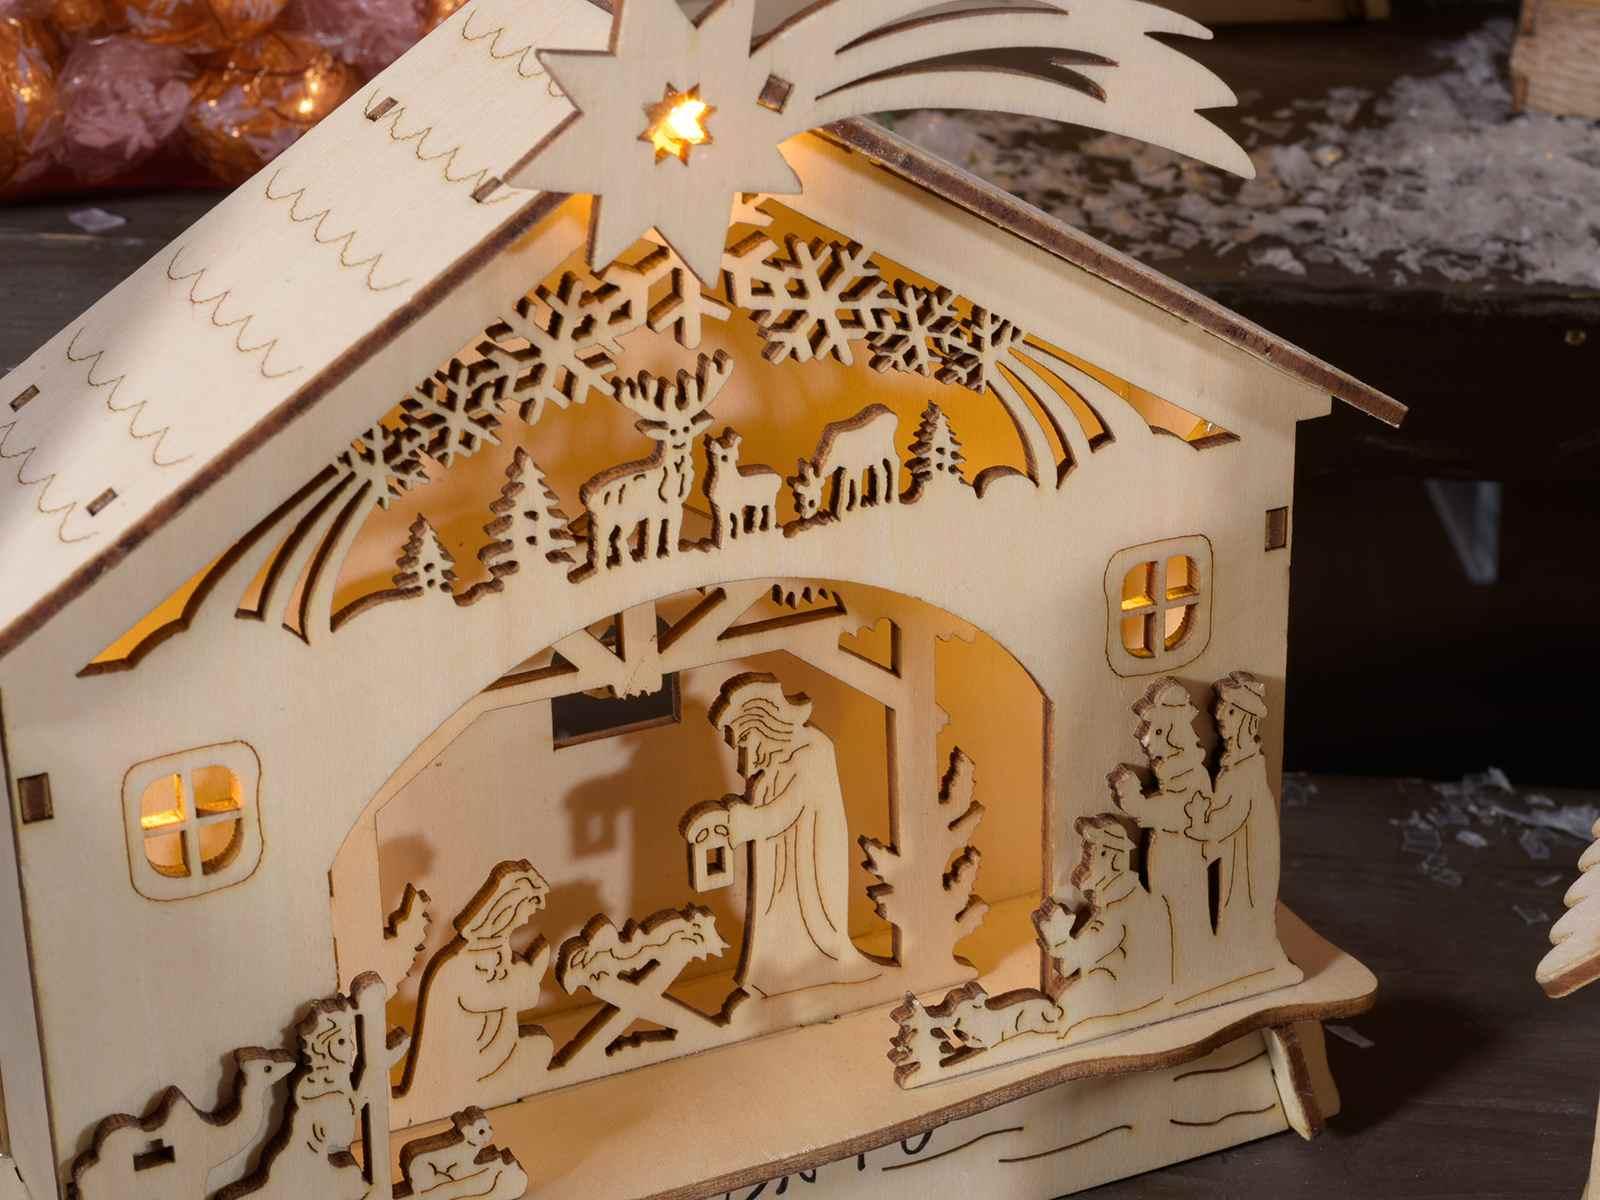 fc9a379c6a0 Pesebre navideño de madera decorada a laser con luz art JPG 1600x1200  Navideños laser pesebre para